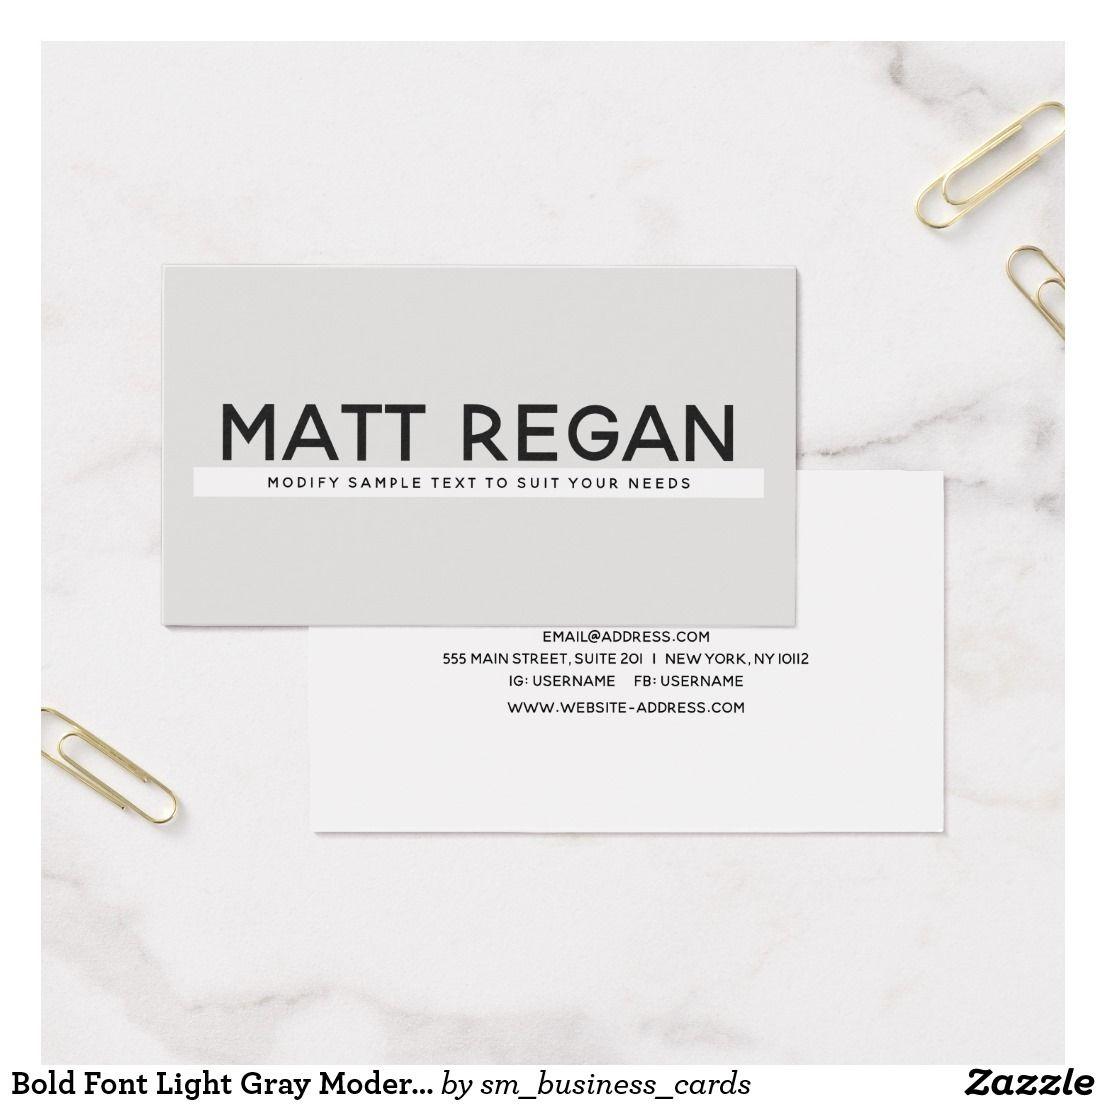 Bold Font Light Gray Modern Professional Business Card | Pinterest ...